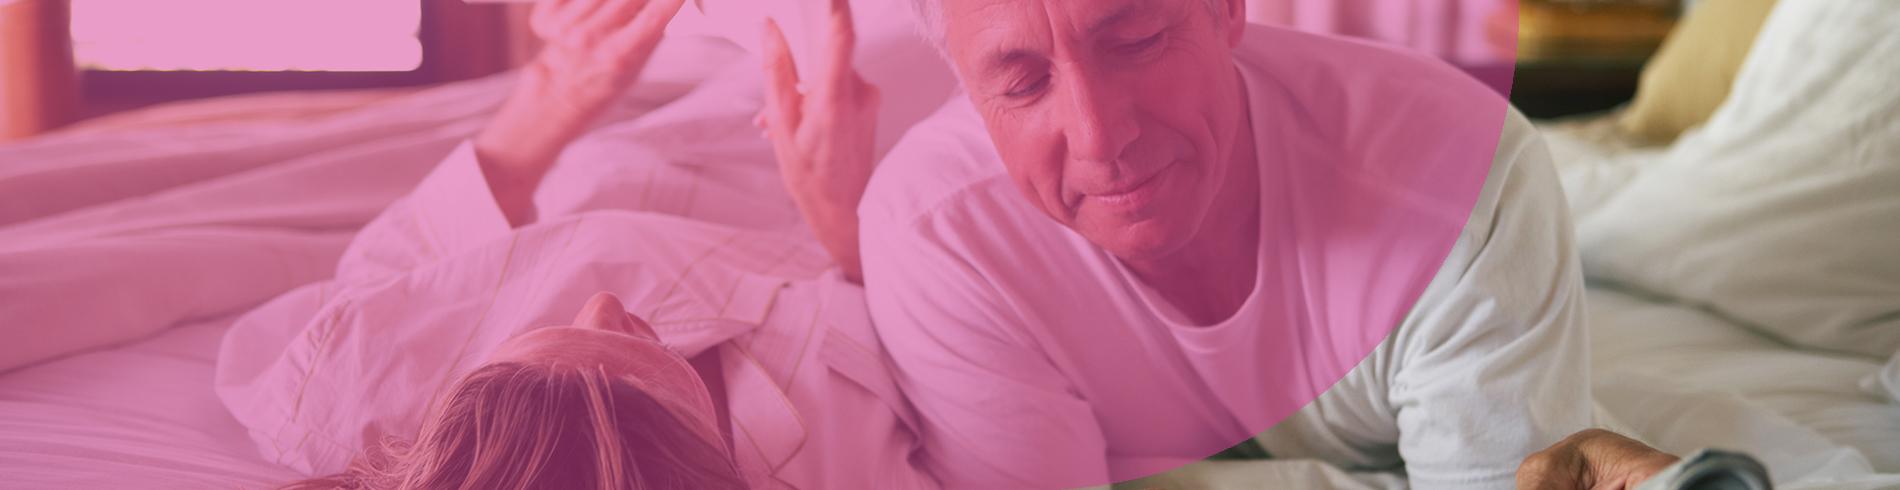 seguro de hogar senior